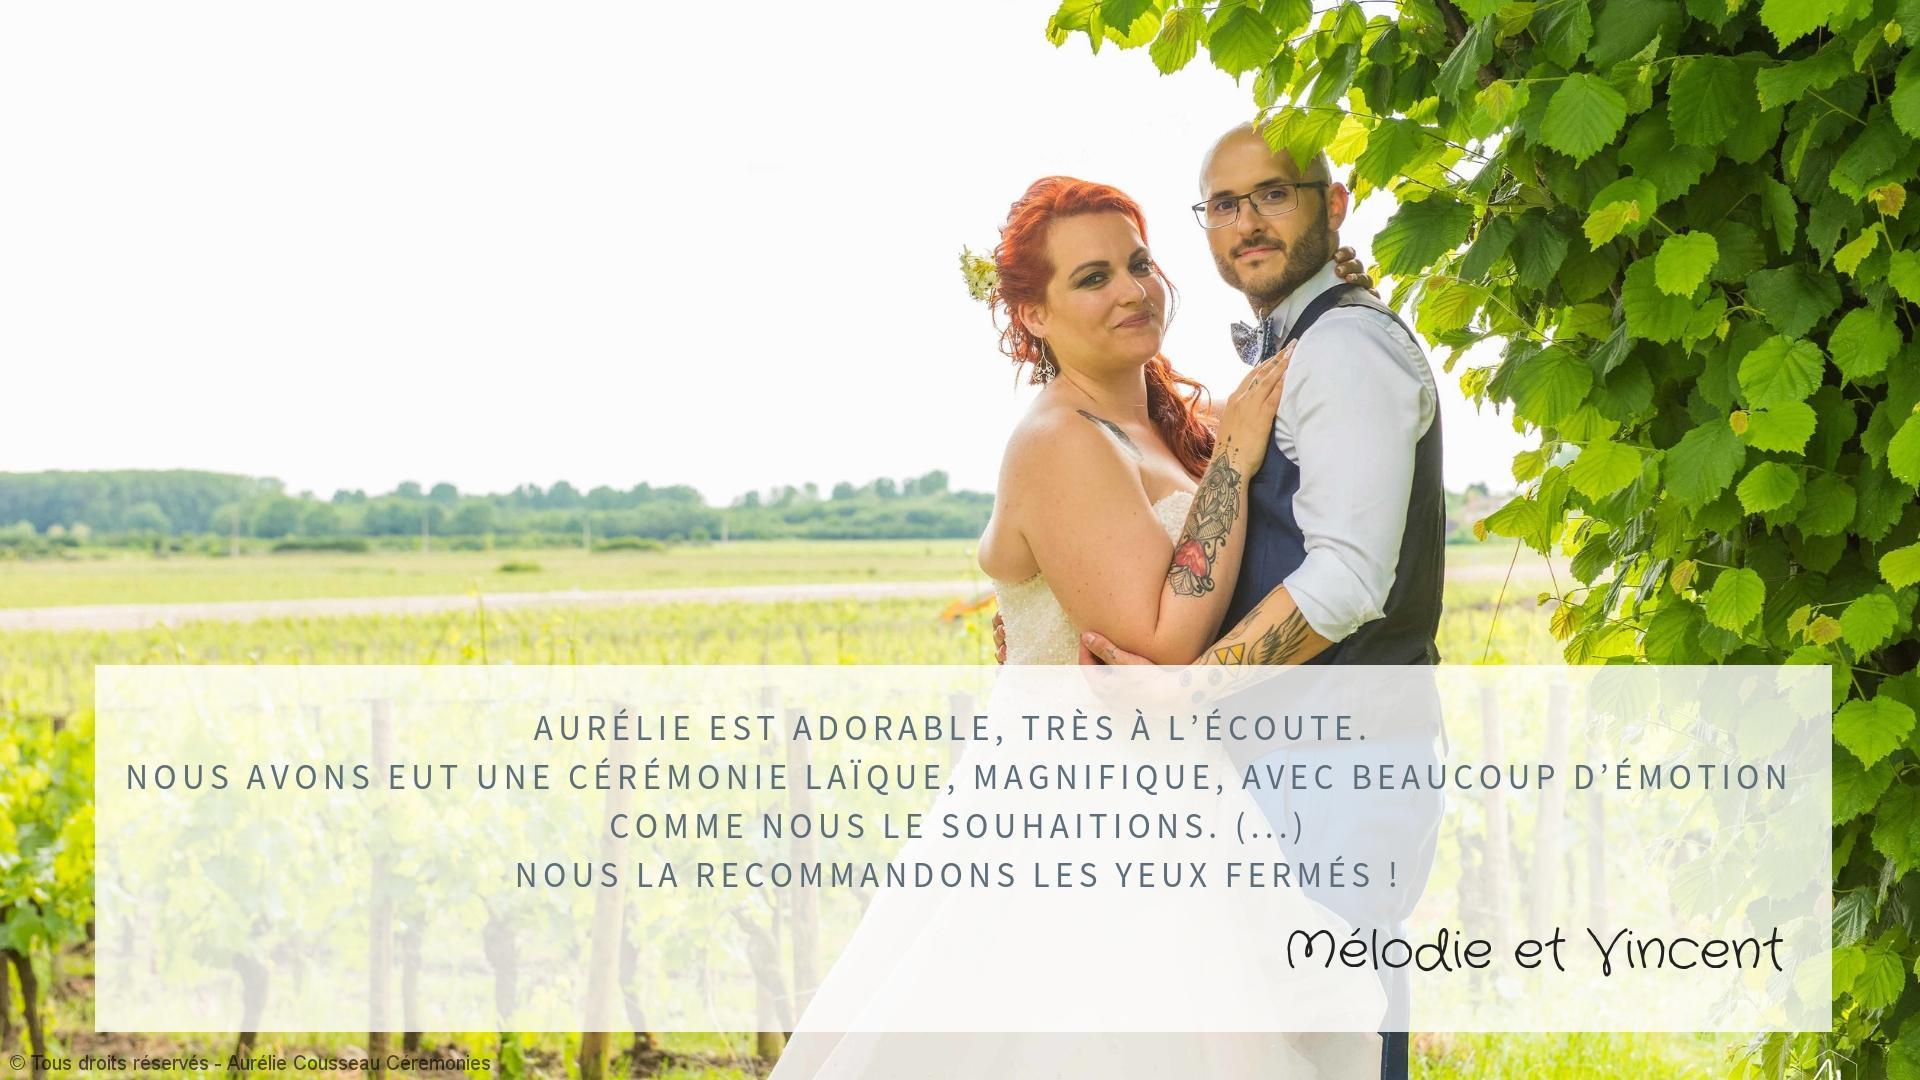 Témoignage Mélodie et vincent coup de foudre-cérémonie de S&C -PhotoChristelle bellegarde-aurelie cousseau cérémonies